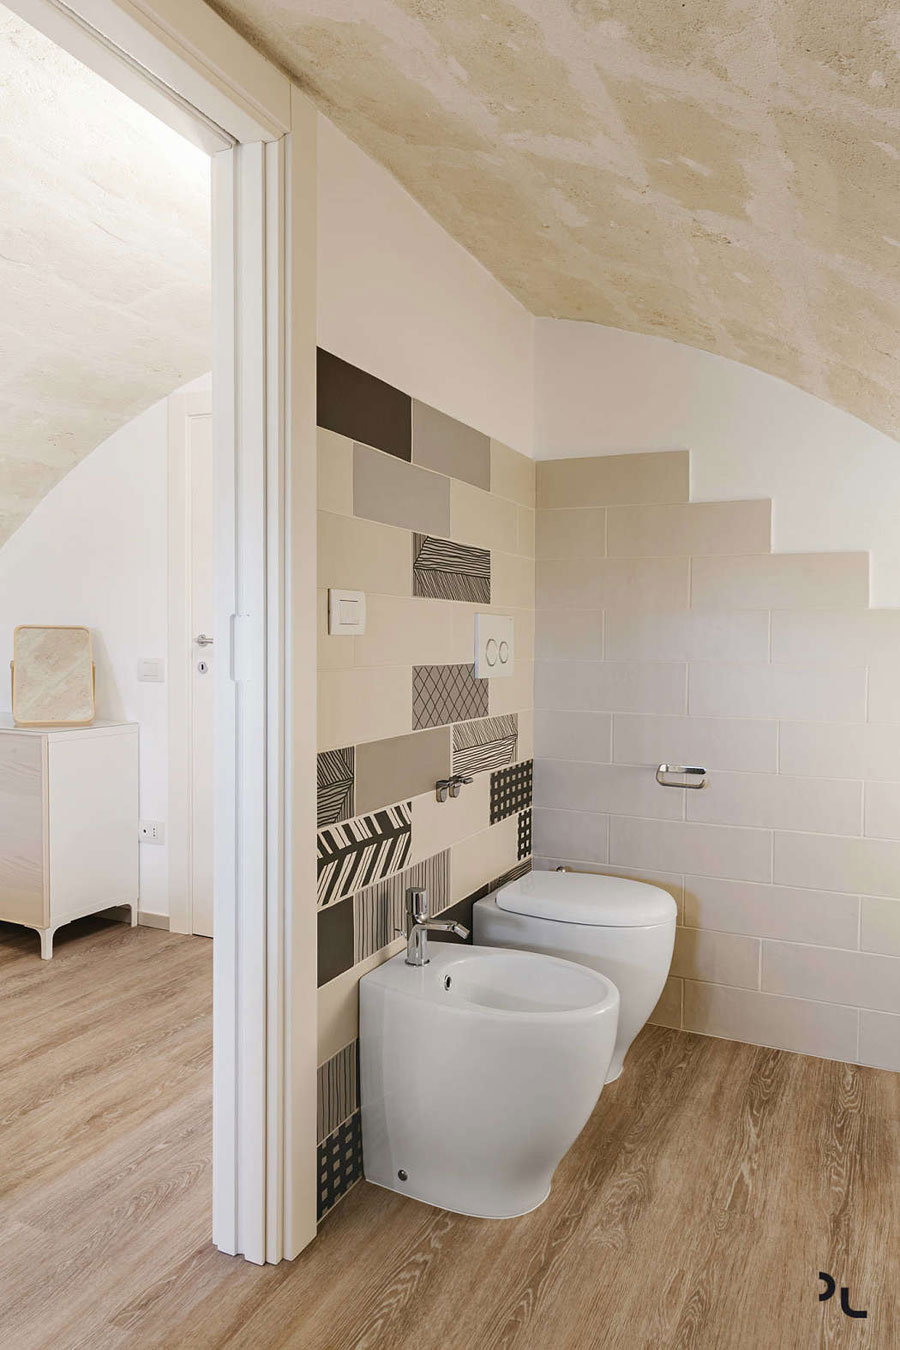 Deze kleine badkamer is voorzien van een geweldig mooi stenen plafond!